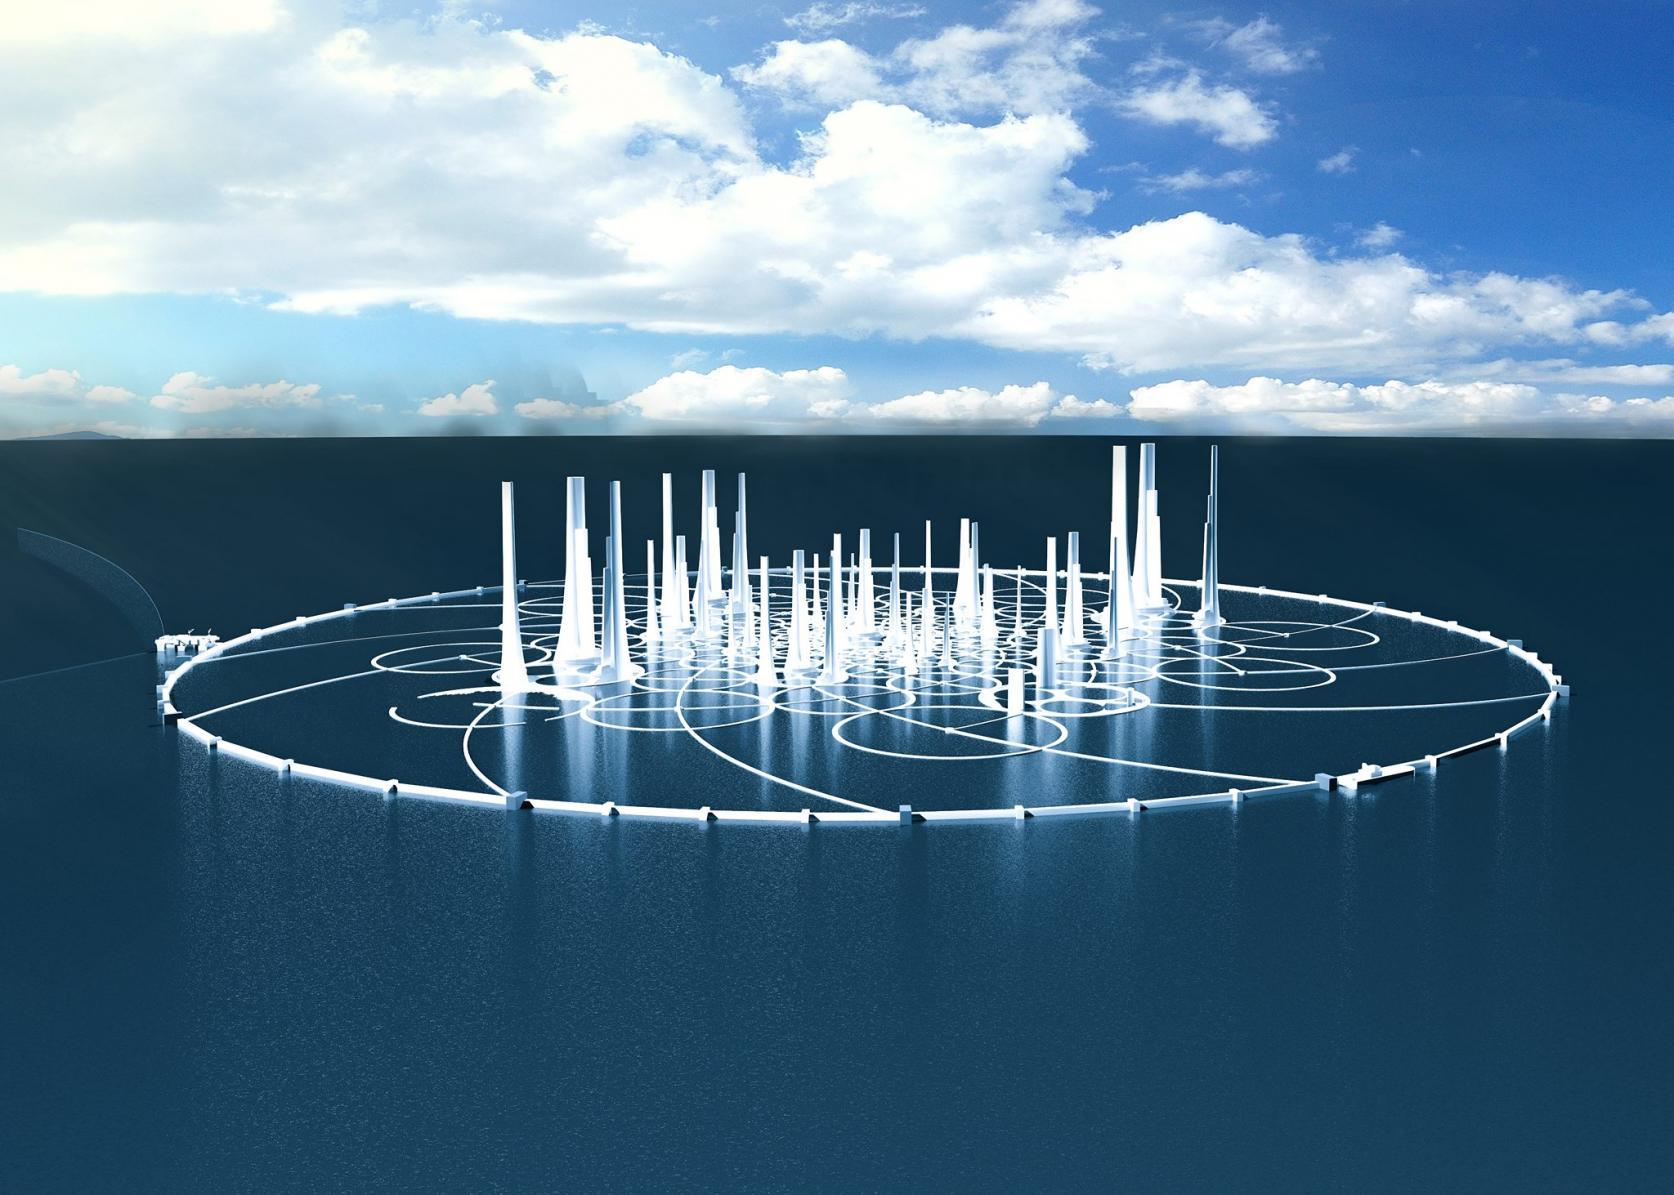 海洋建築工学専攻1年 の黄起範さん(佐藤研究室)が「第49回毎日・DASデザイン賞」大学生の部において、グランプリ「金の卵賞」を受賞しました。